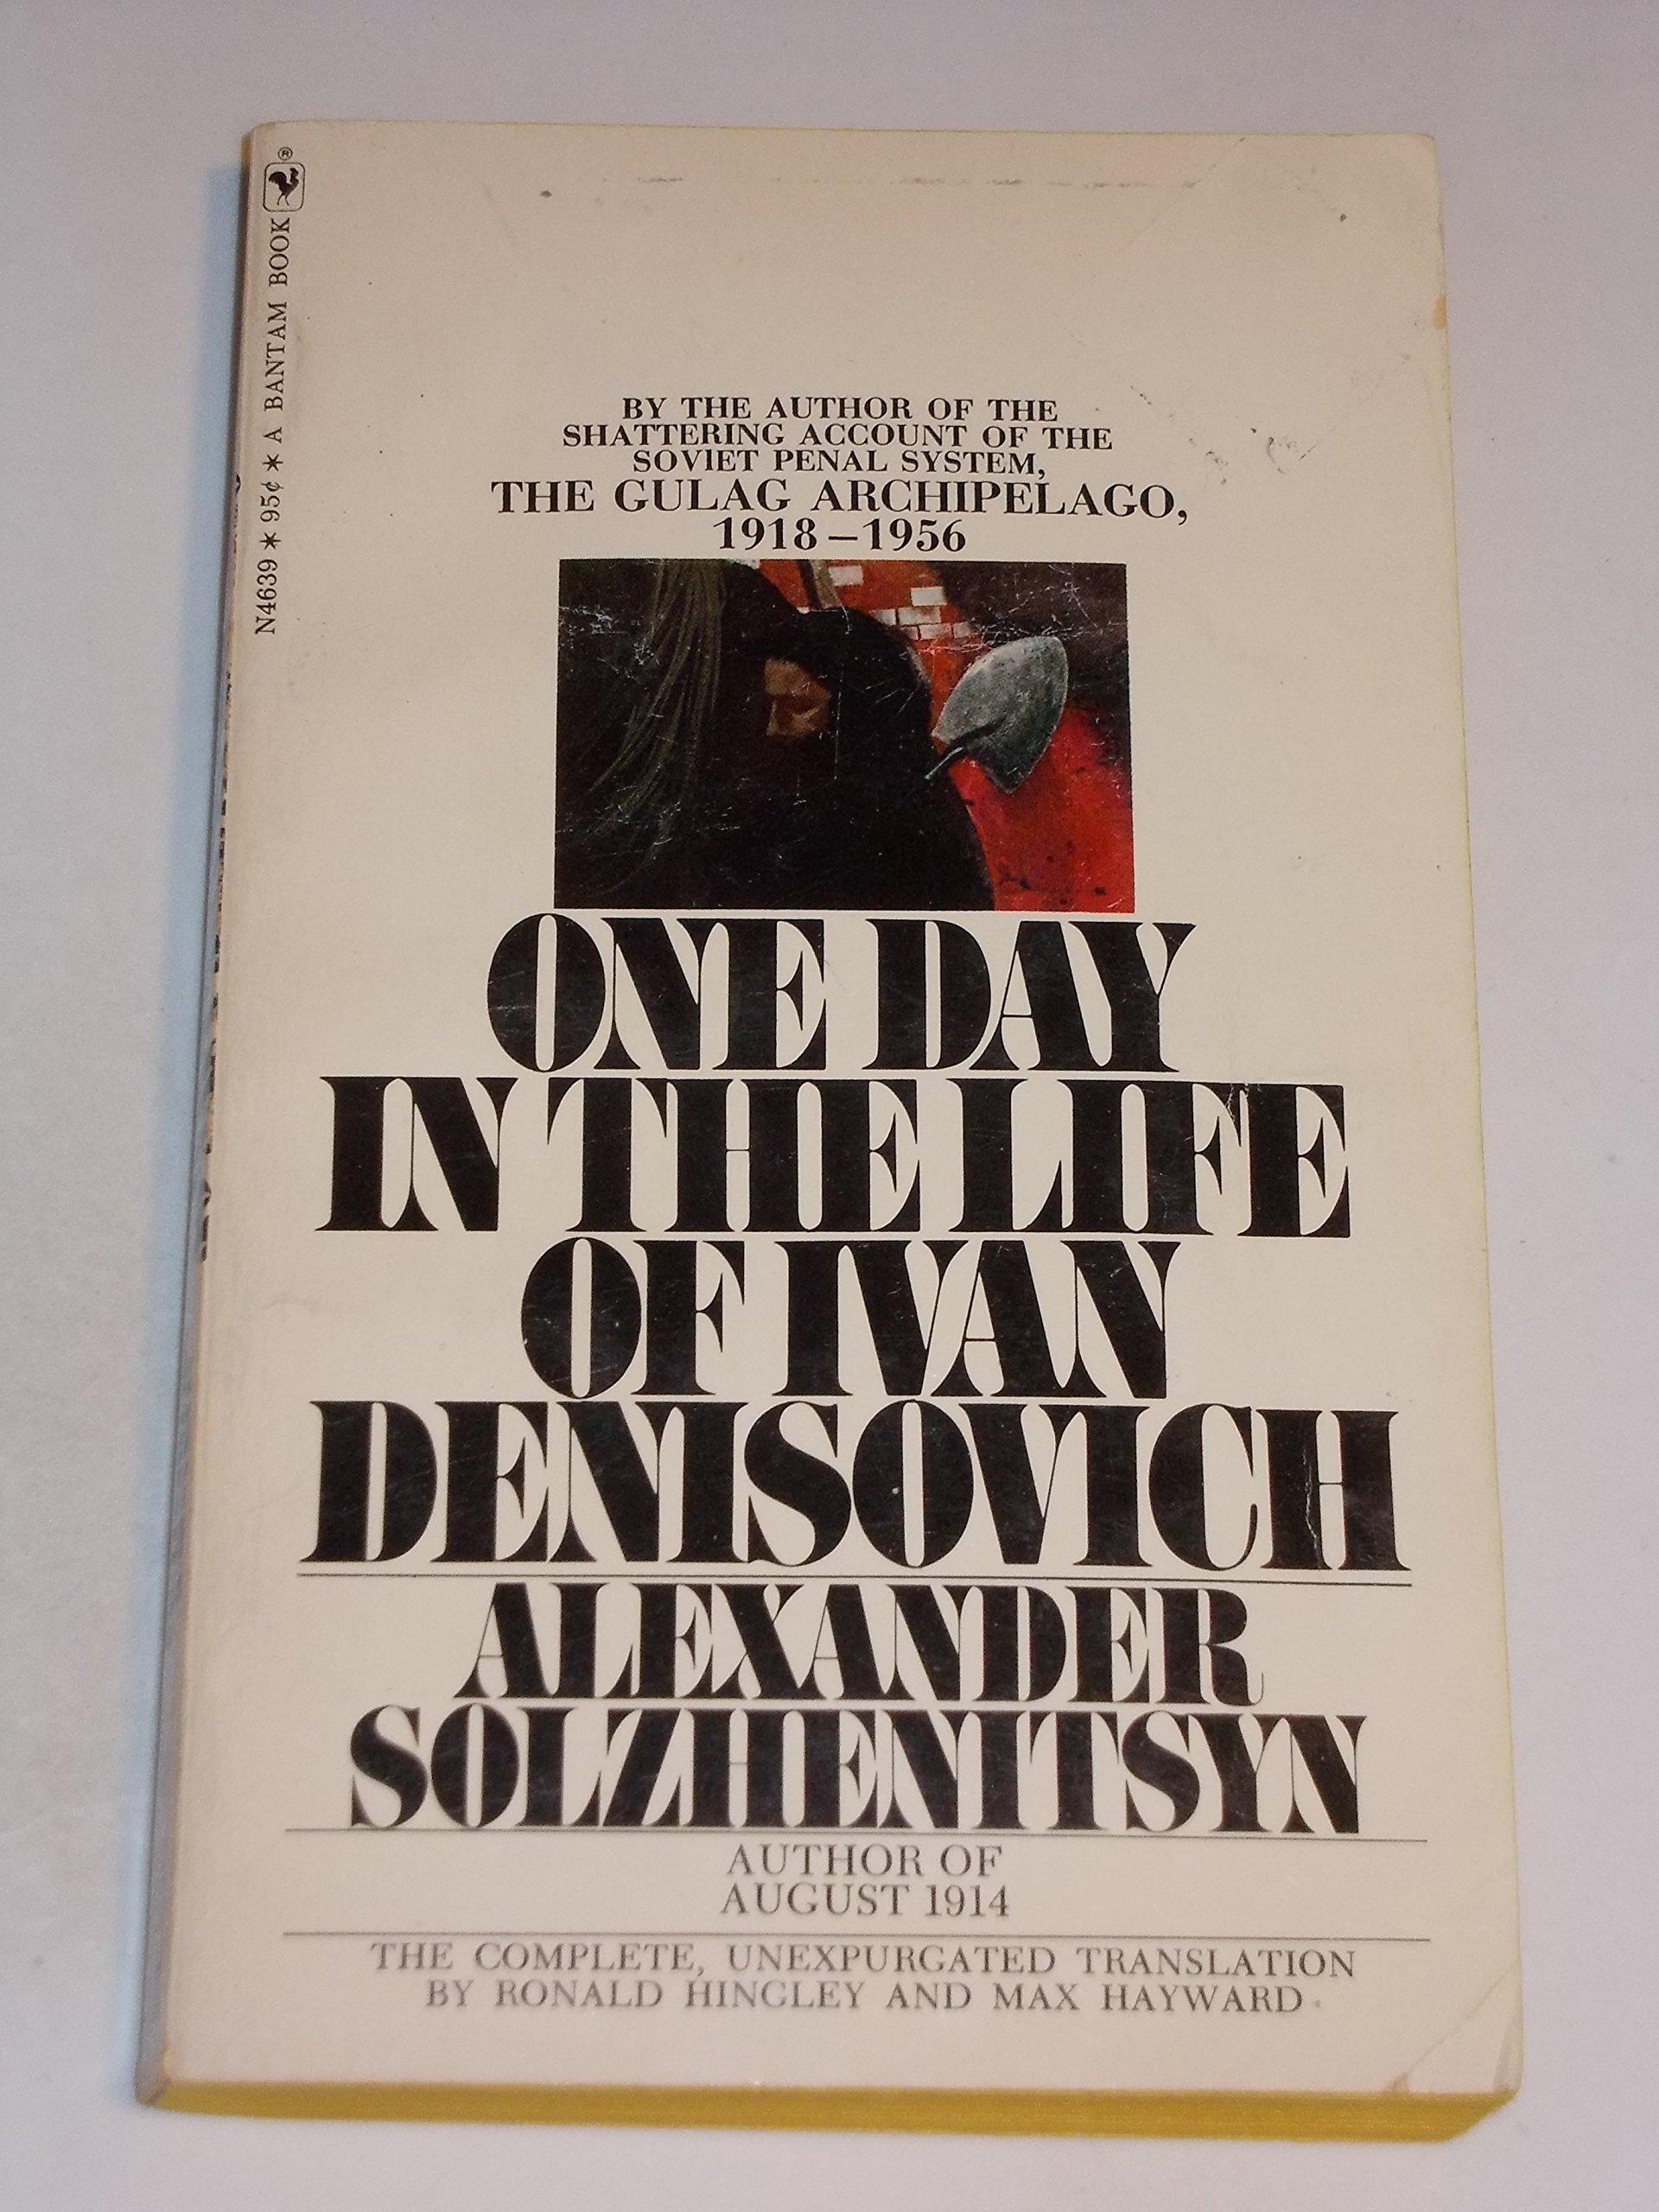 by Aleksandr Solzhenitsyn